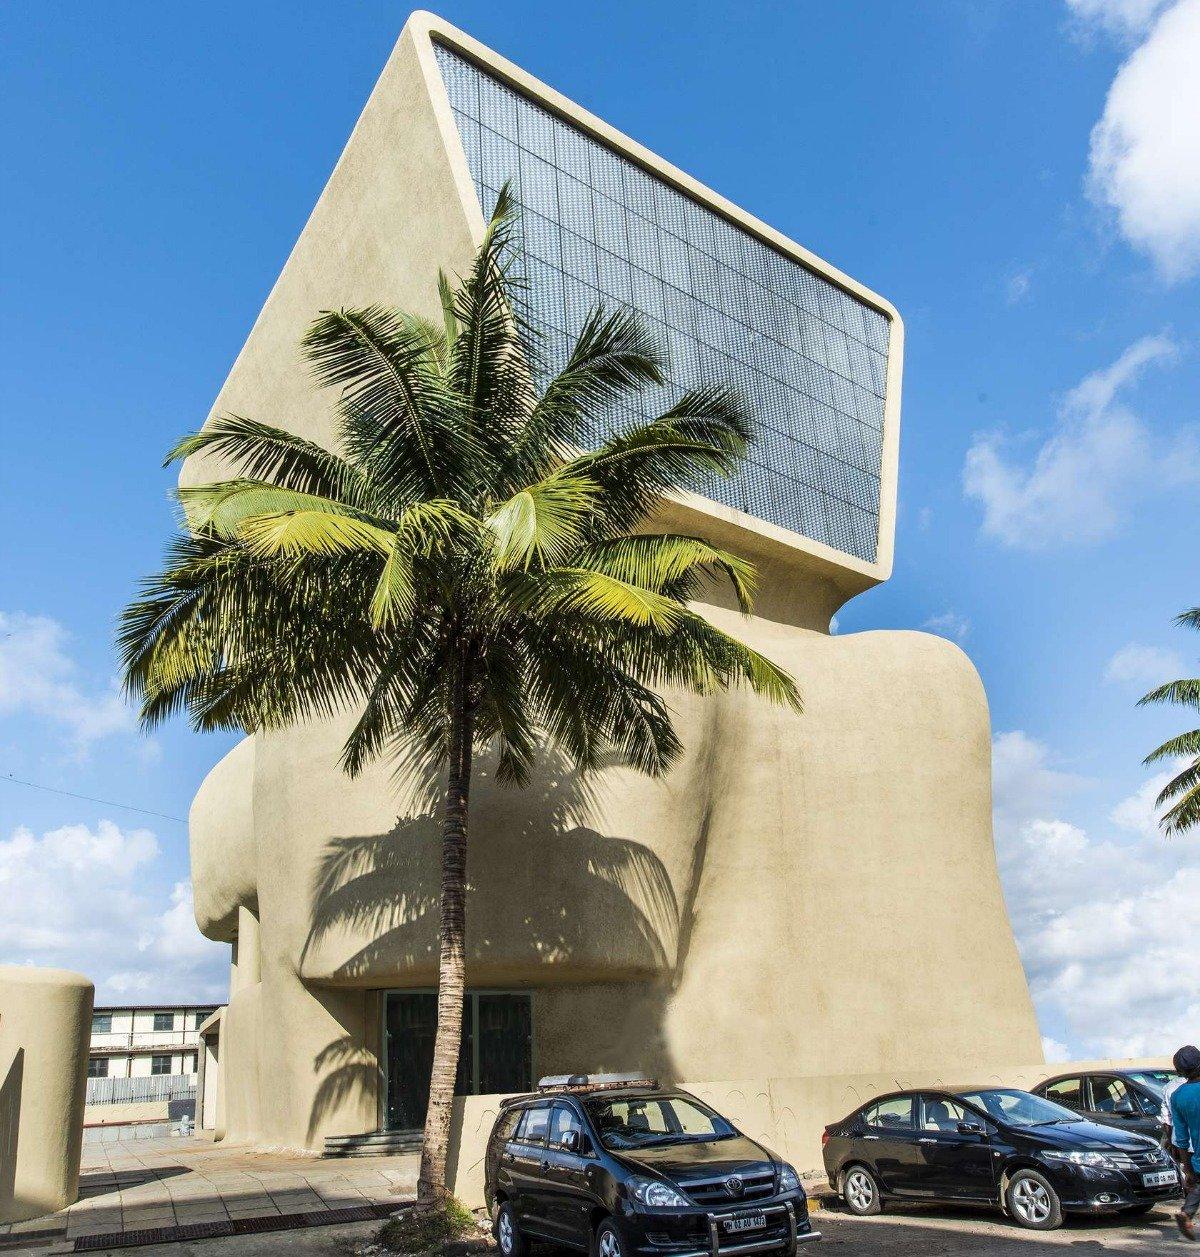 BEST ART GALLERY (Popular): Bombay Arts Society, India, SANJAY PURI  ARCHITECTS